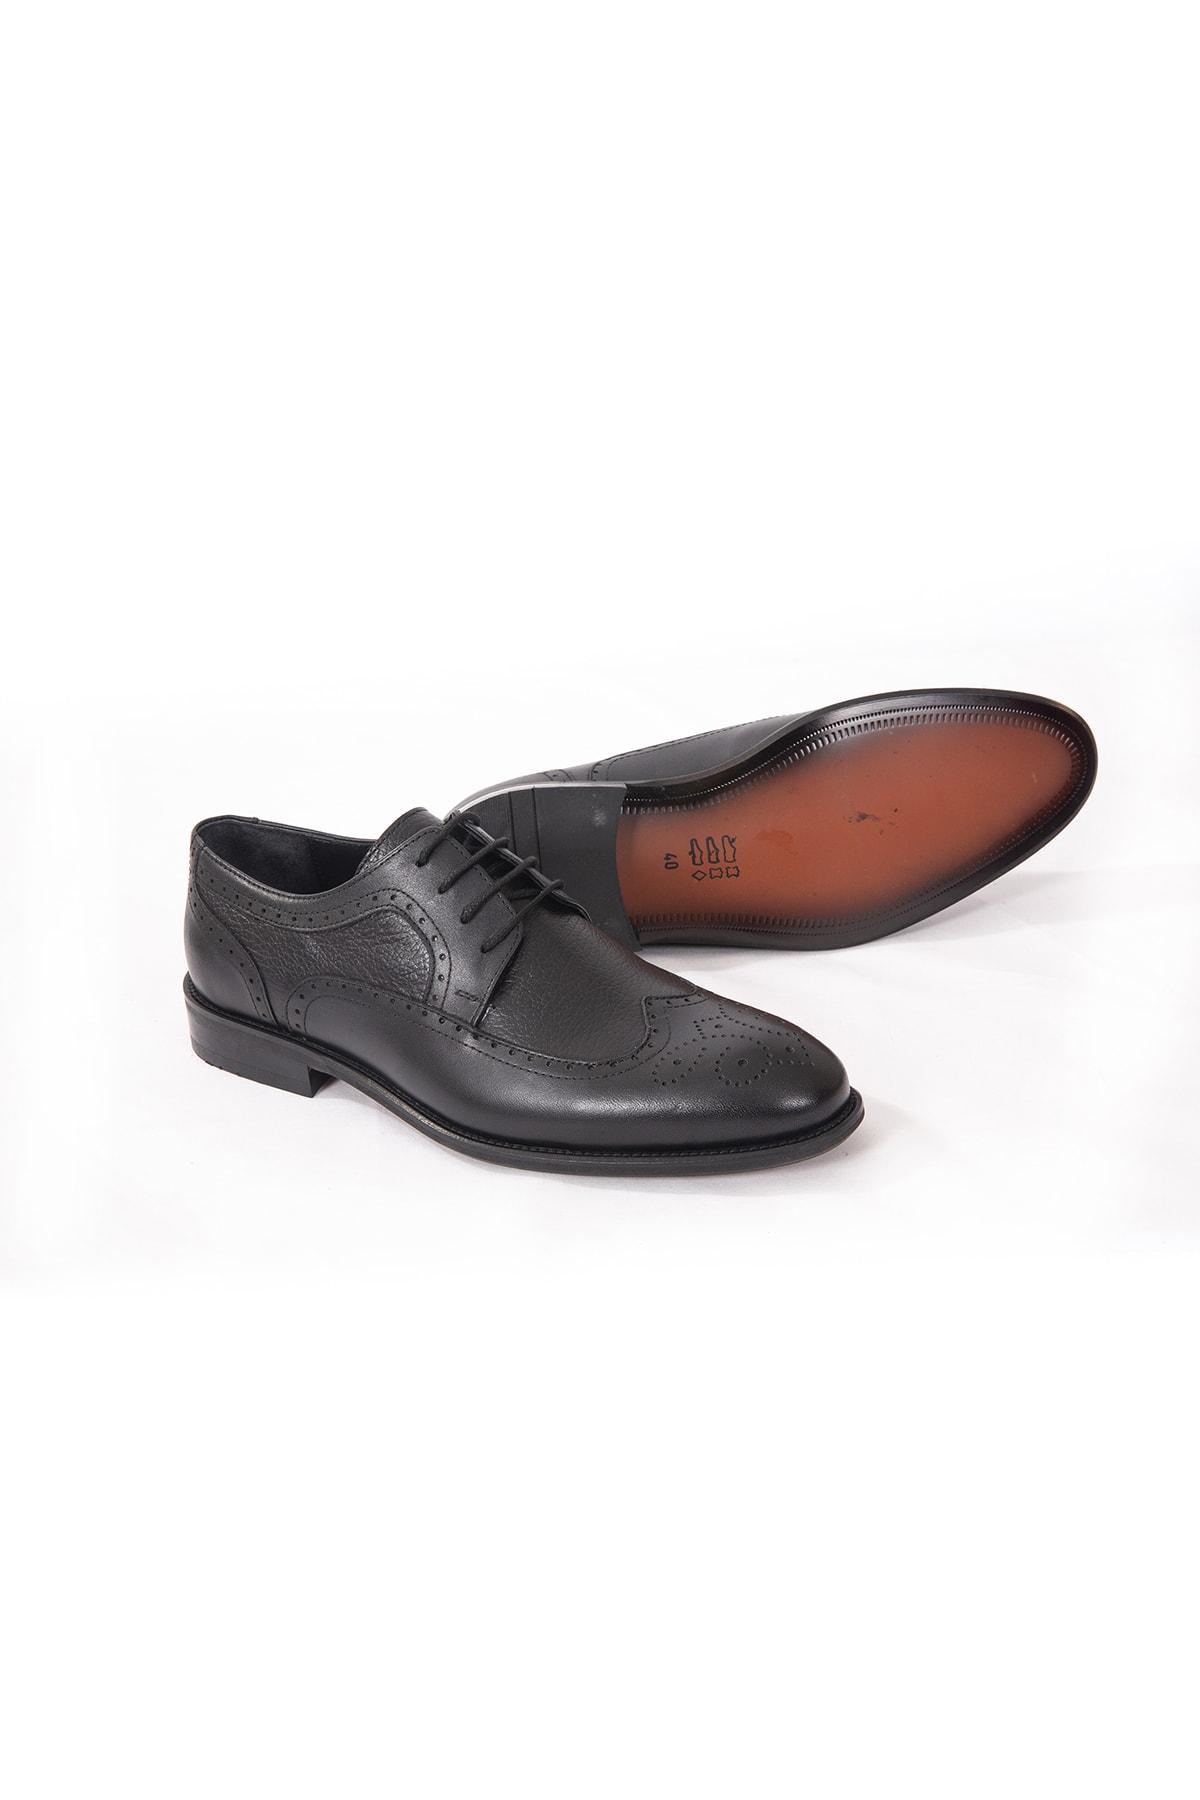 İgs Deri Klasik Erkek Ayakkabı Siyah (i20s-191180-4 M 1000) 2